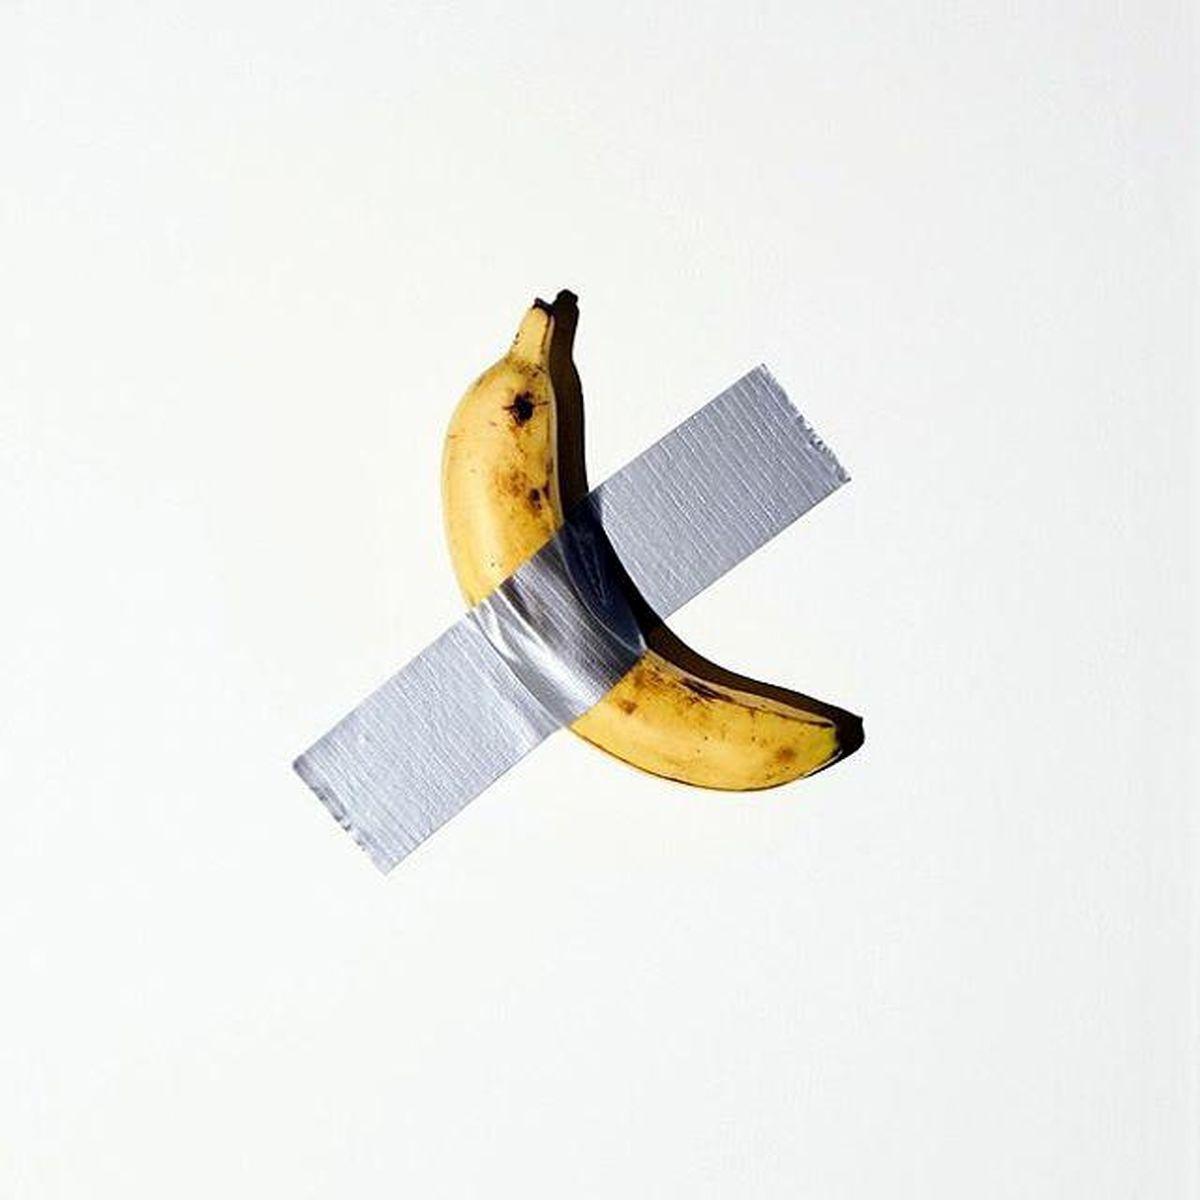 موزی که 121هزار دلار فروخته شد! +عکس